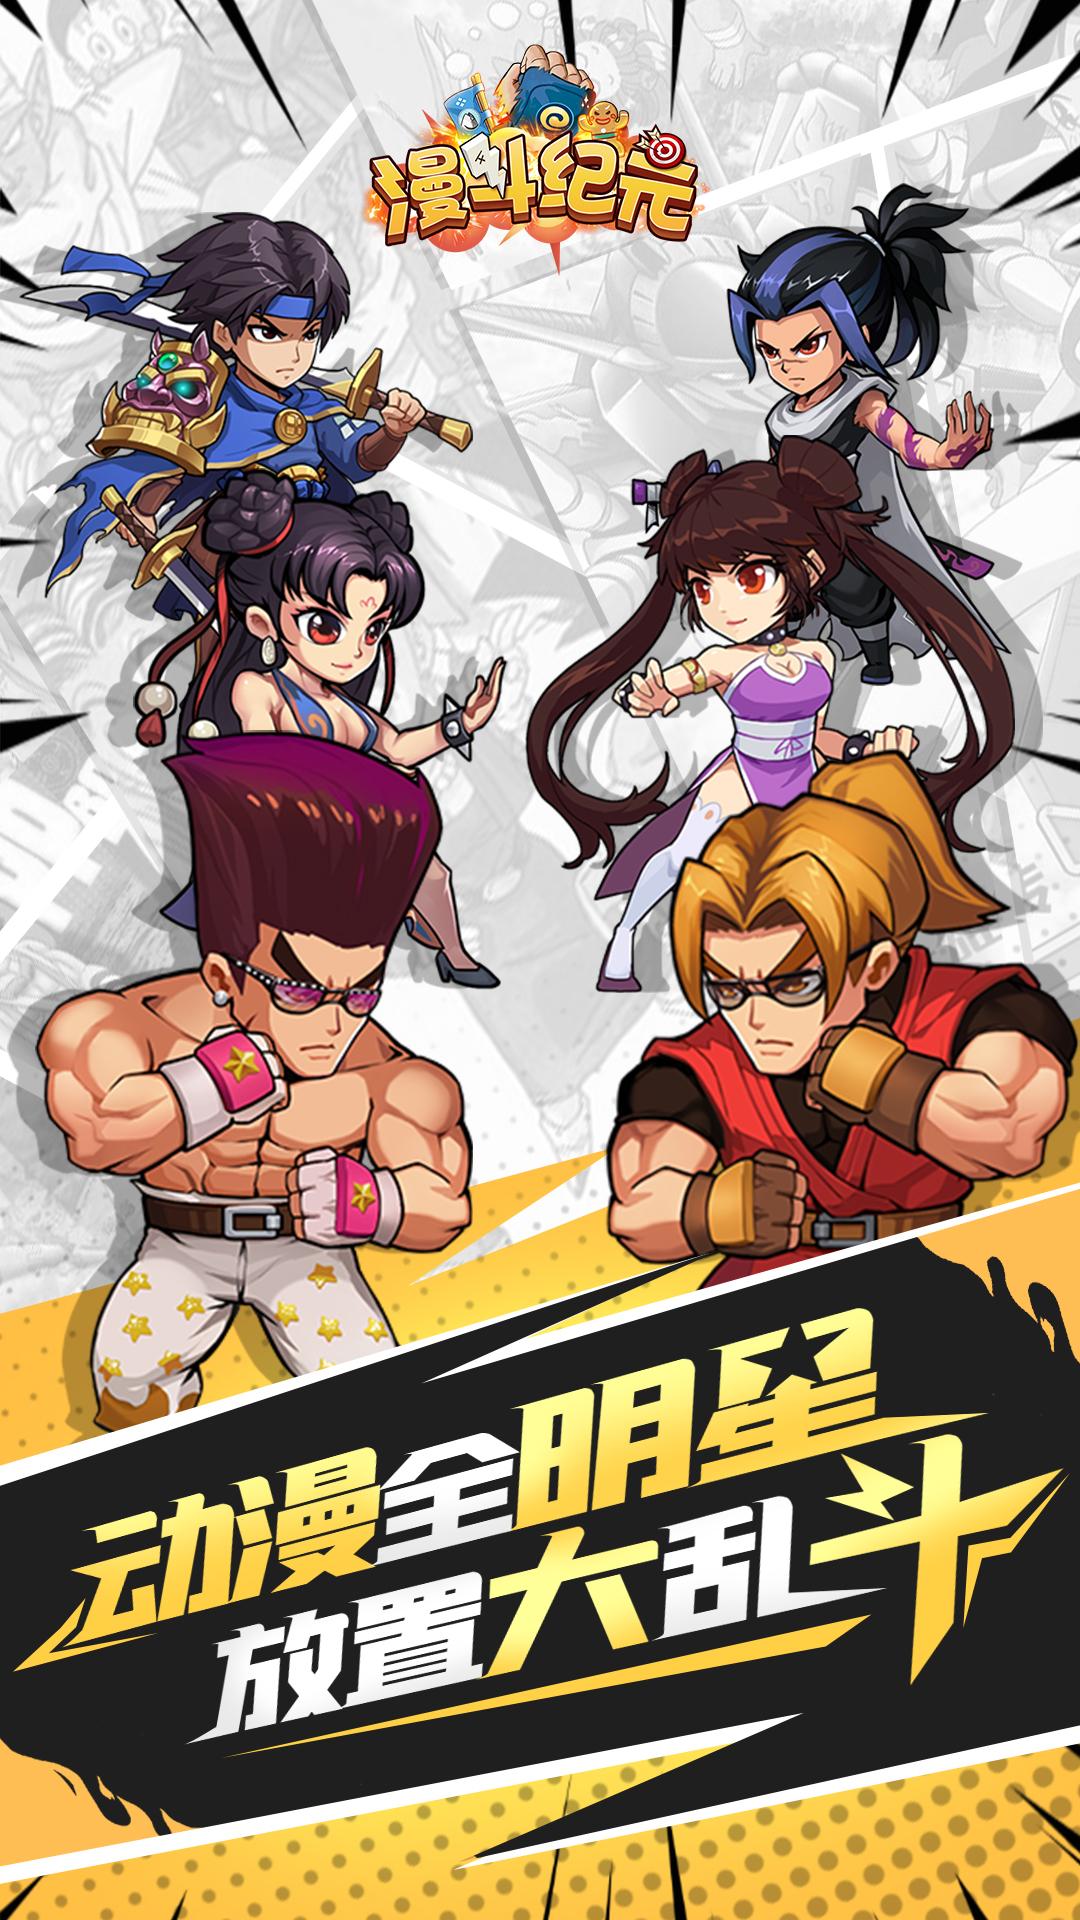 热血动漫《漫斗纪元》游戏截图欣赏